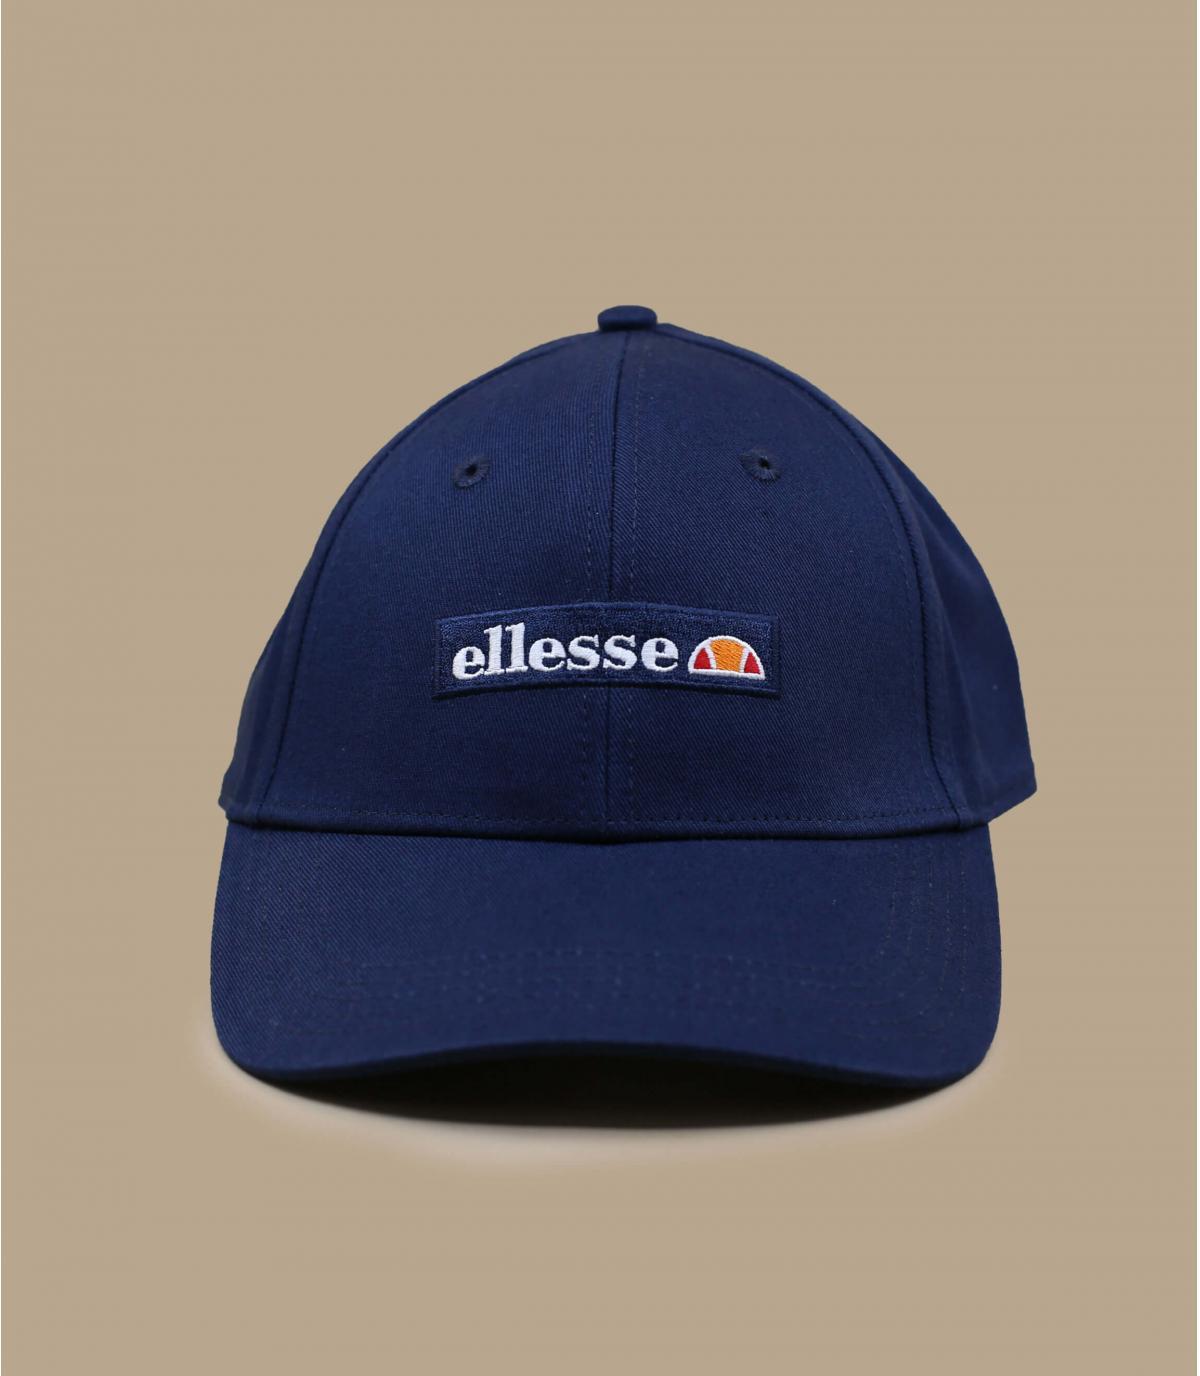 cappellino Ellesse blu navy